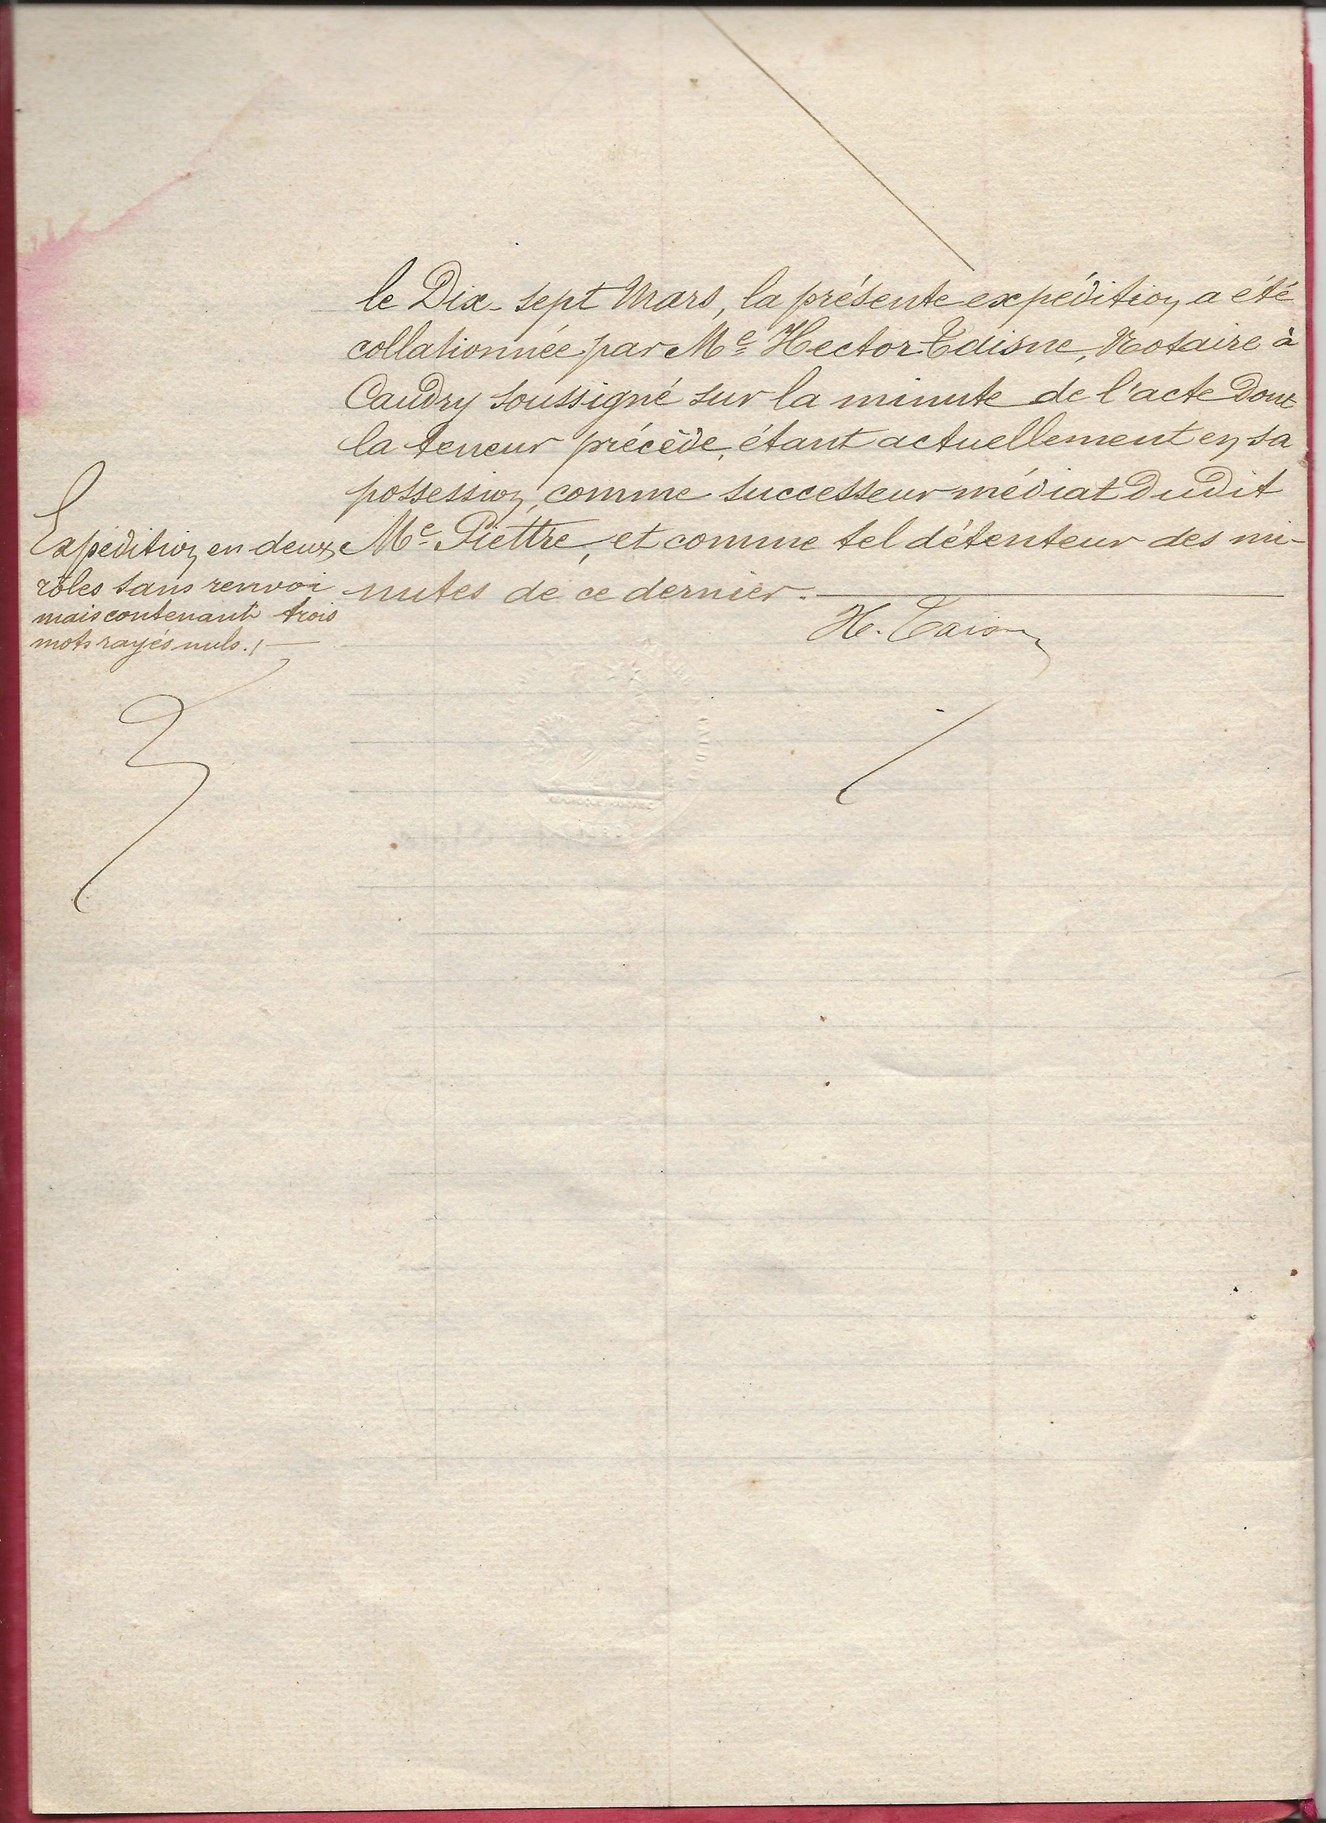 1826 echange valentin poulain x jb pruvot 004